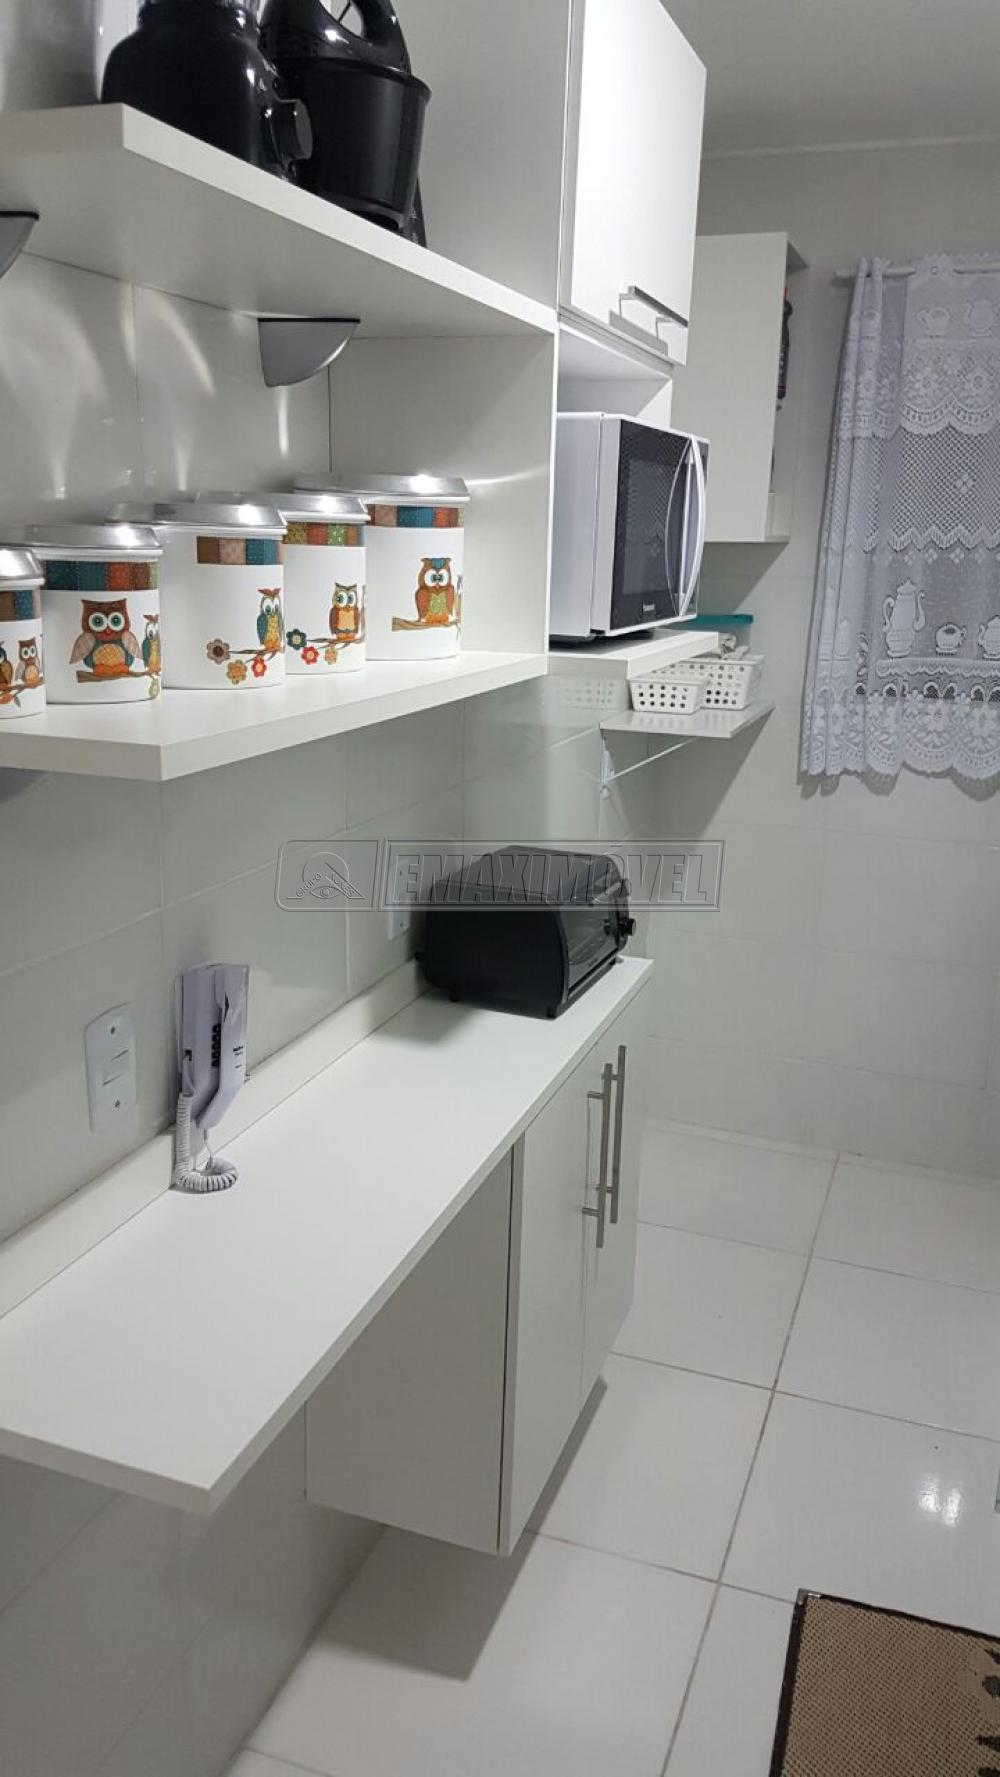 Comprar Apartamentos / Apto Padrão em Sorocaba apenas R$ 215.000,00 - Foto 7